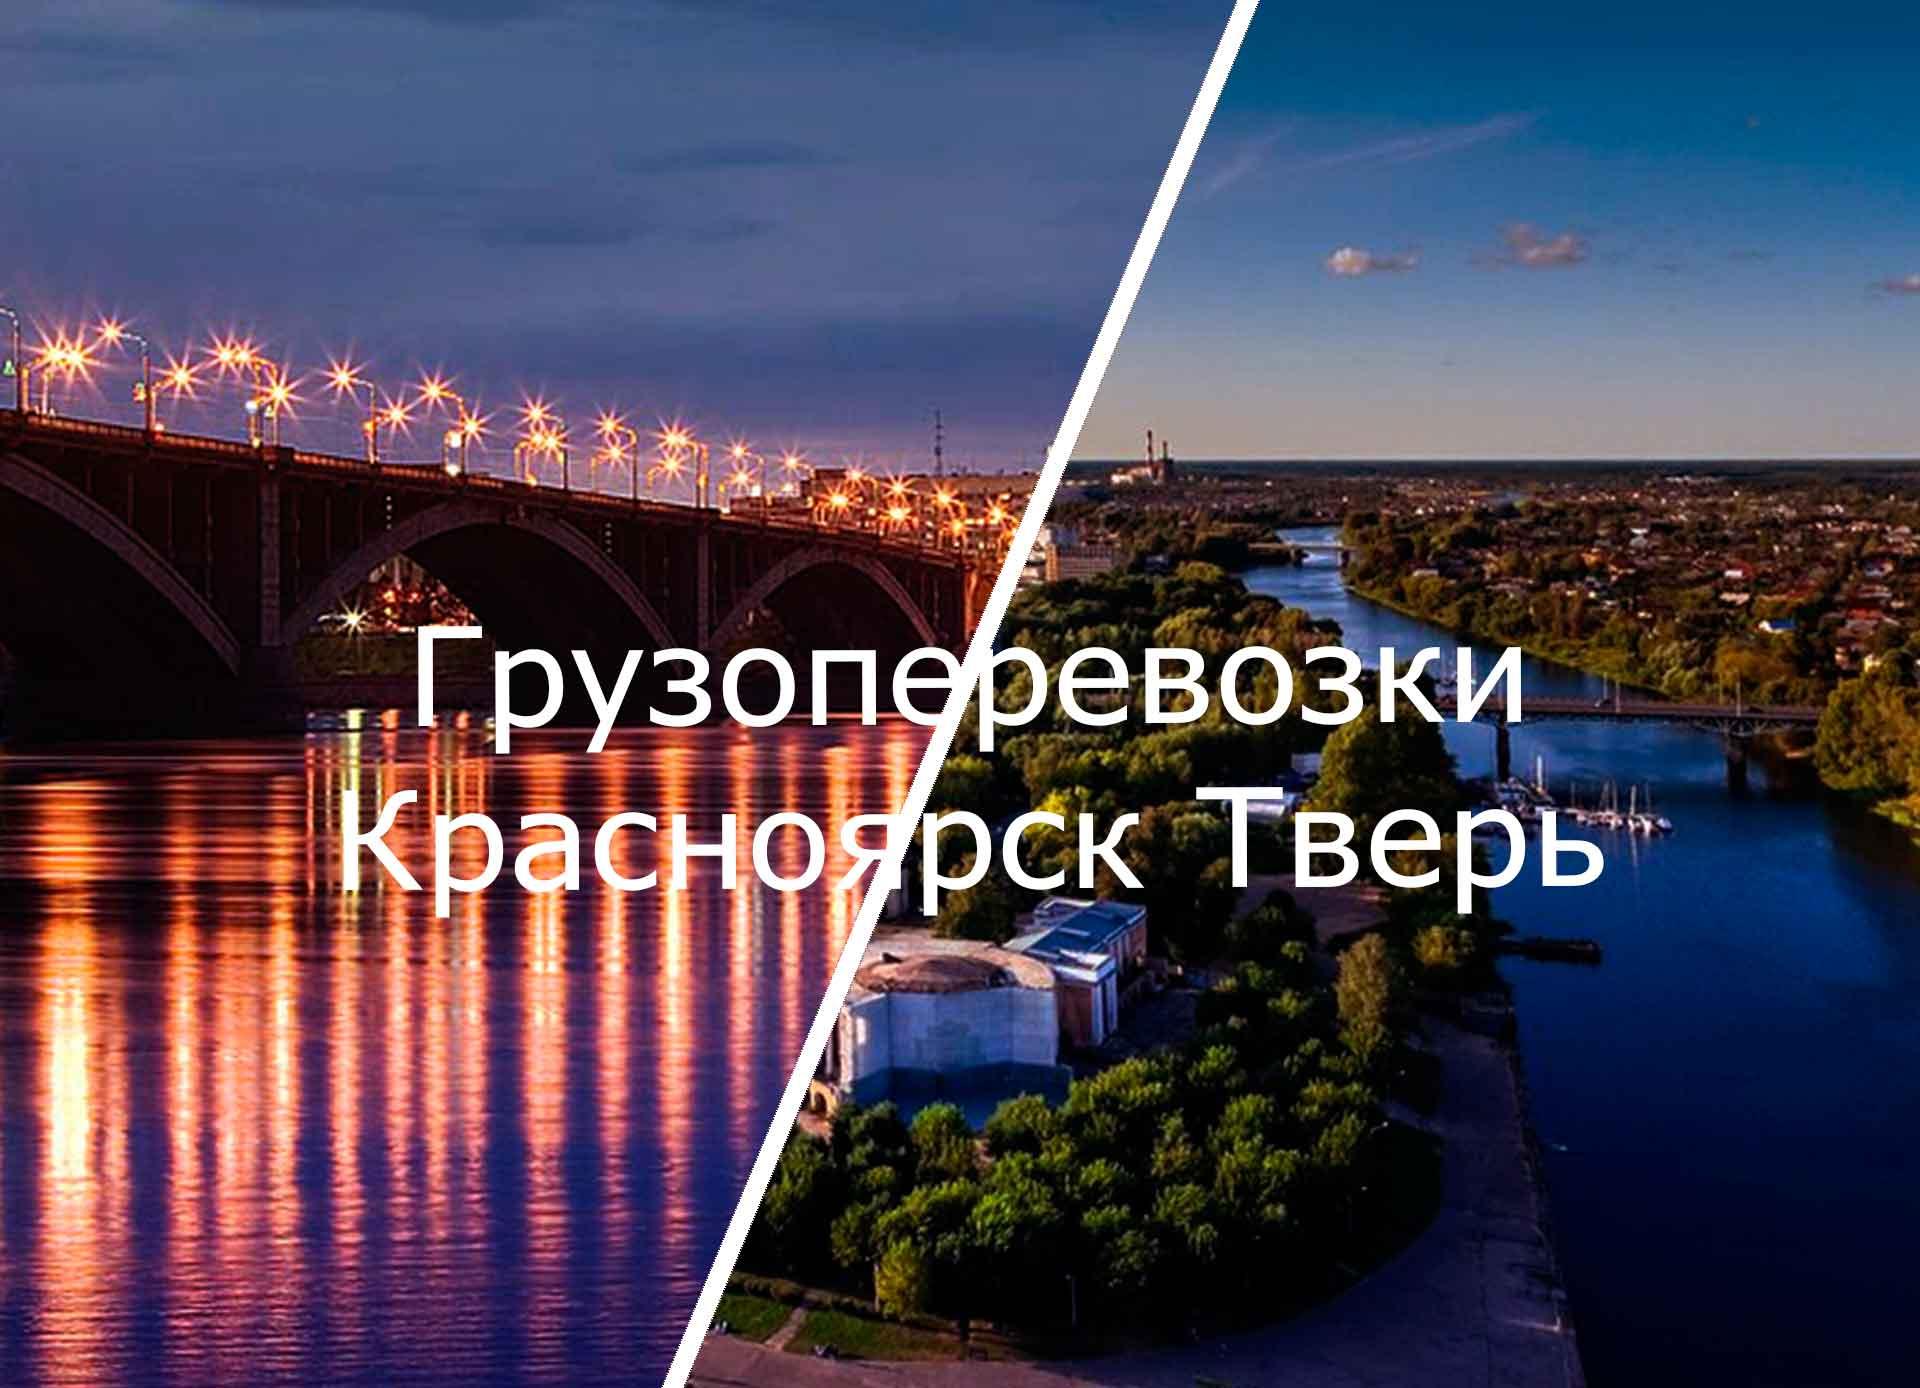 грузоперевозки красноярск тверь